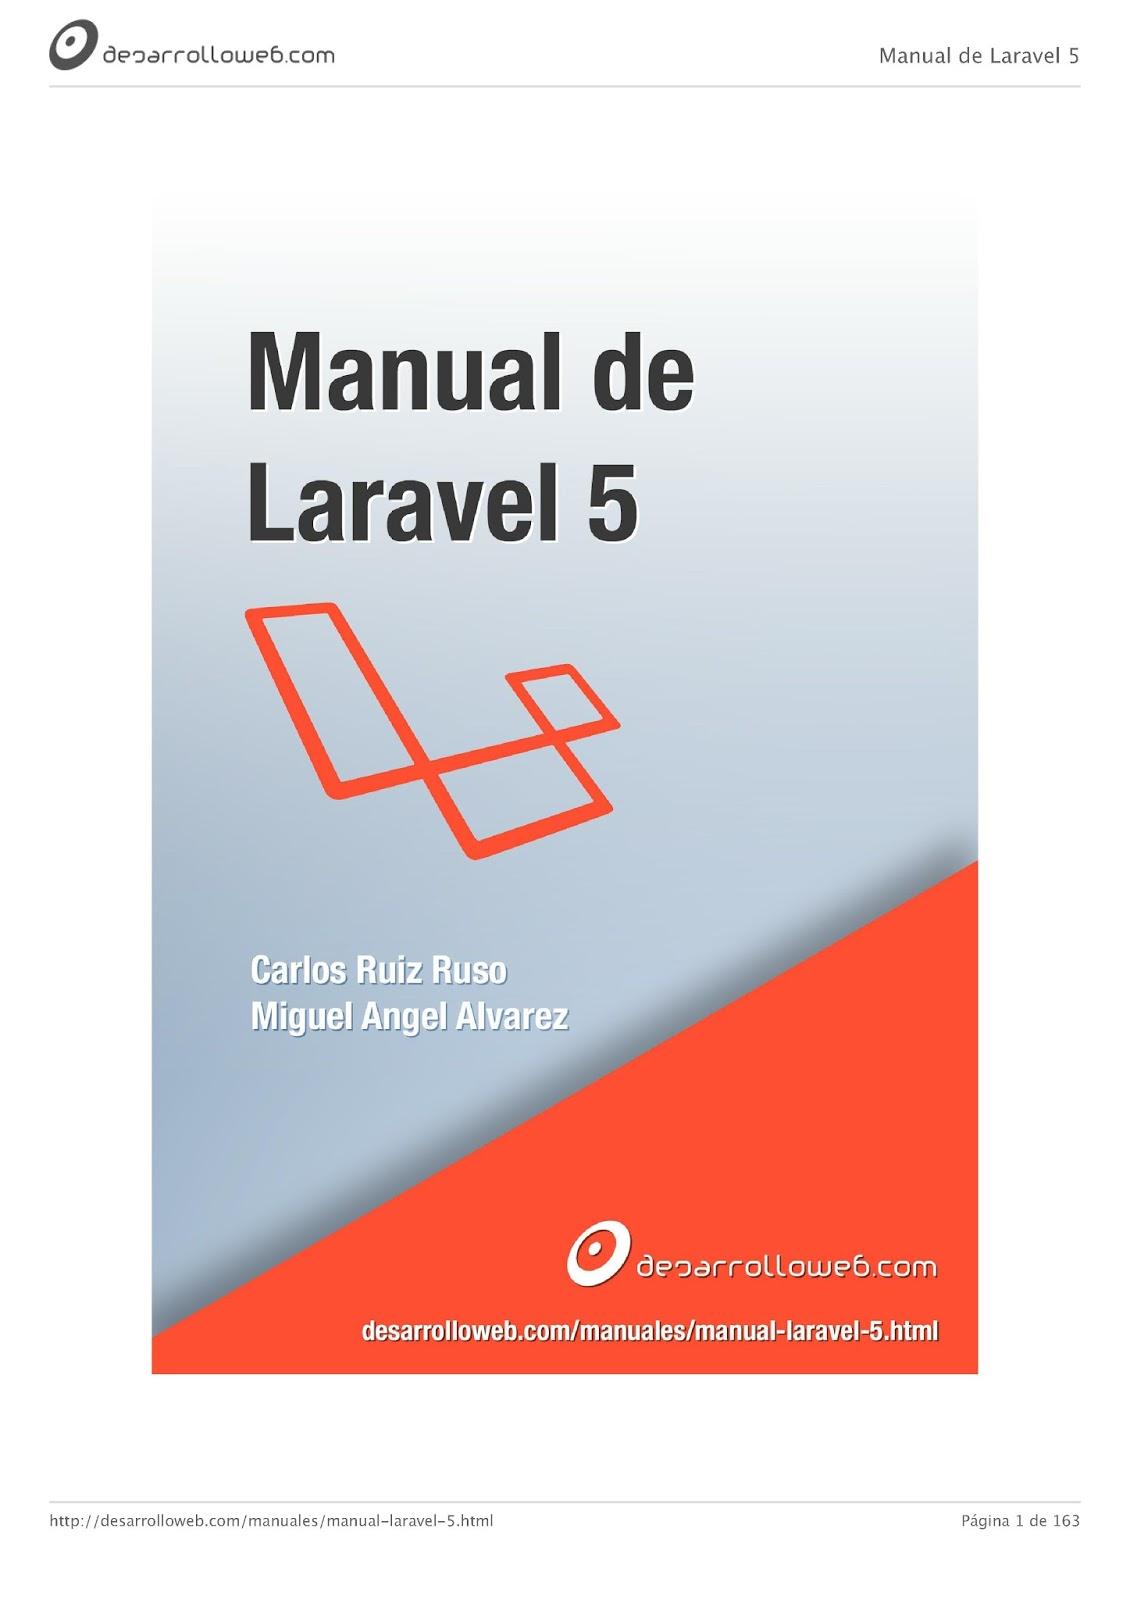 Manual de Laravel 5